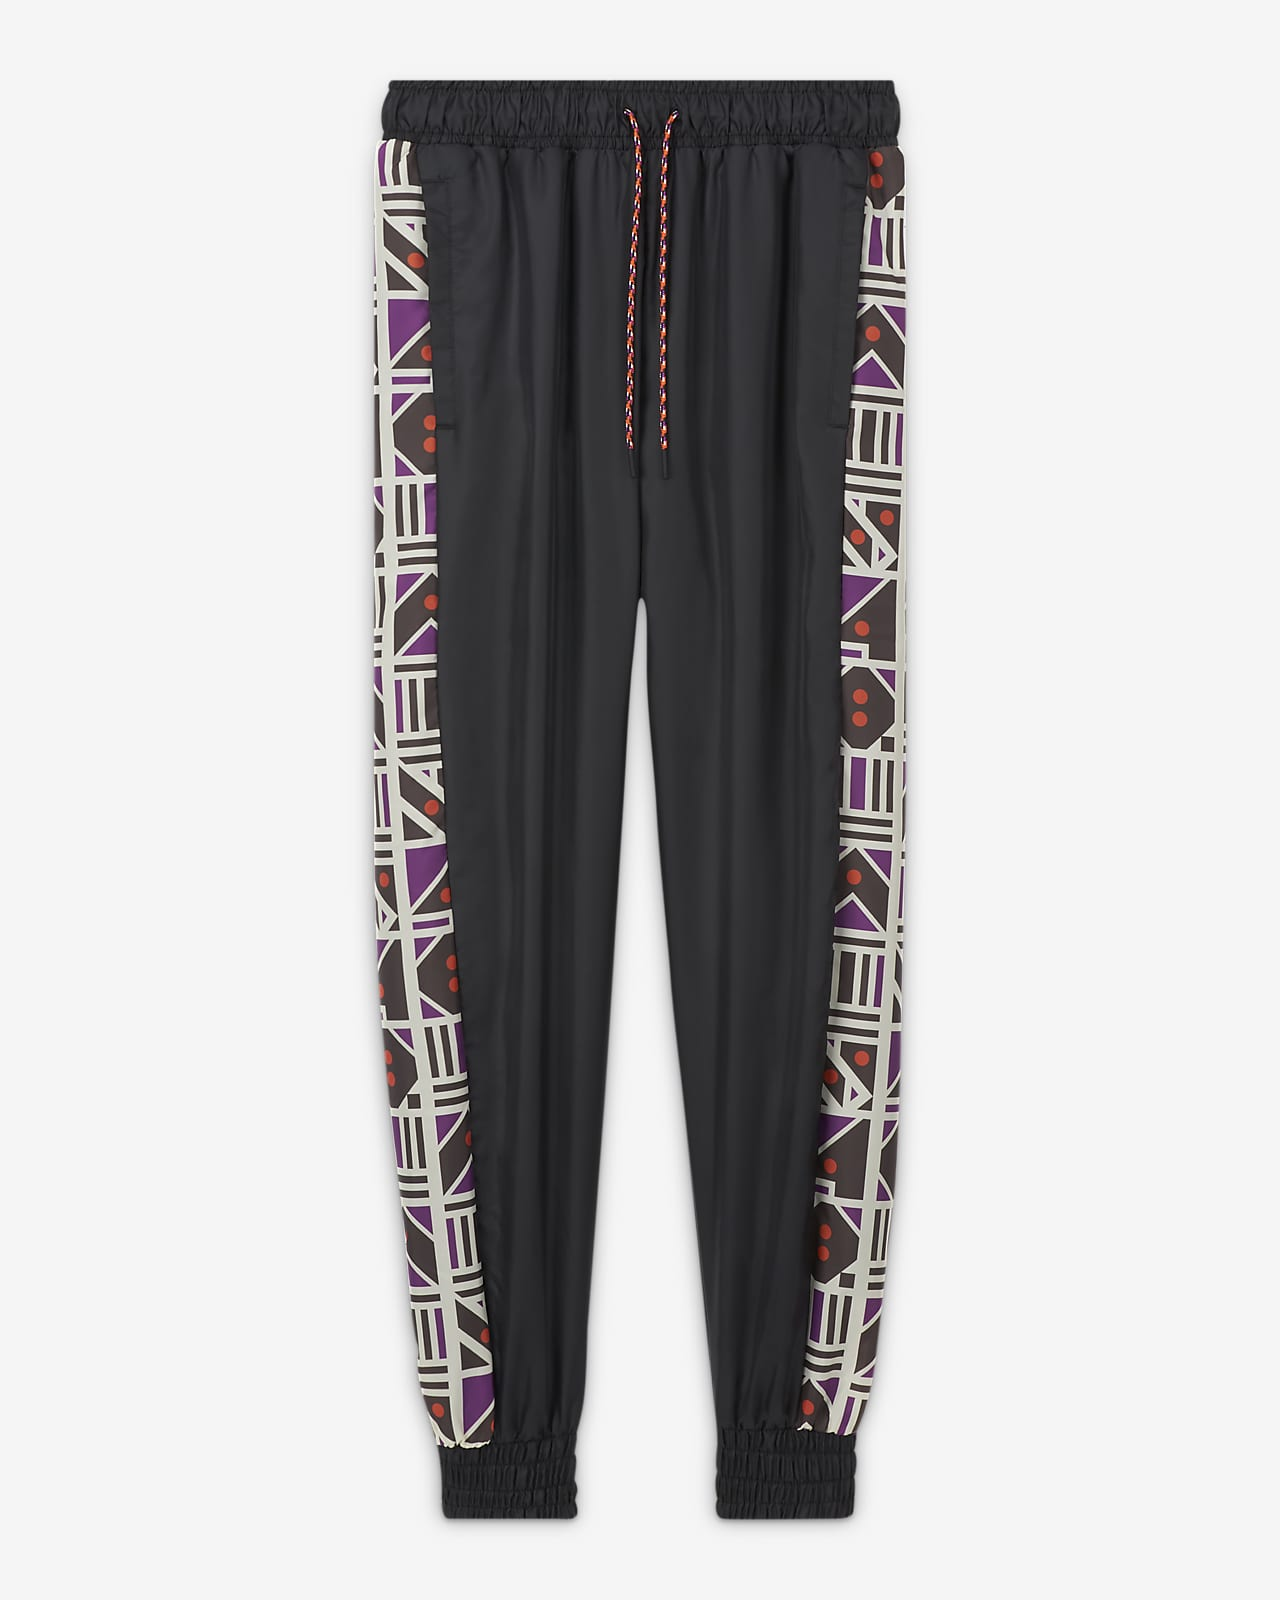 Jordan Sport DNA Quai 54 Pantalons - Home